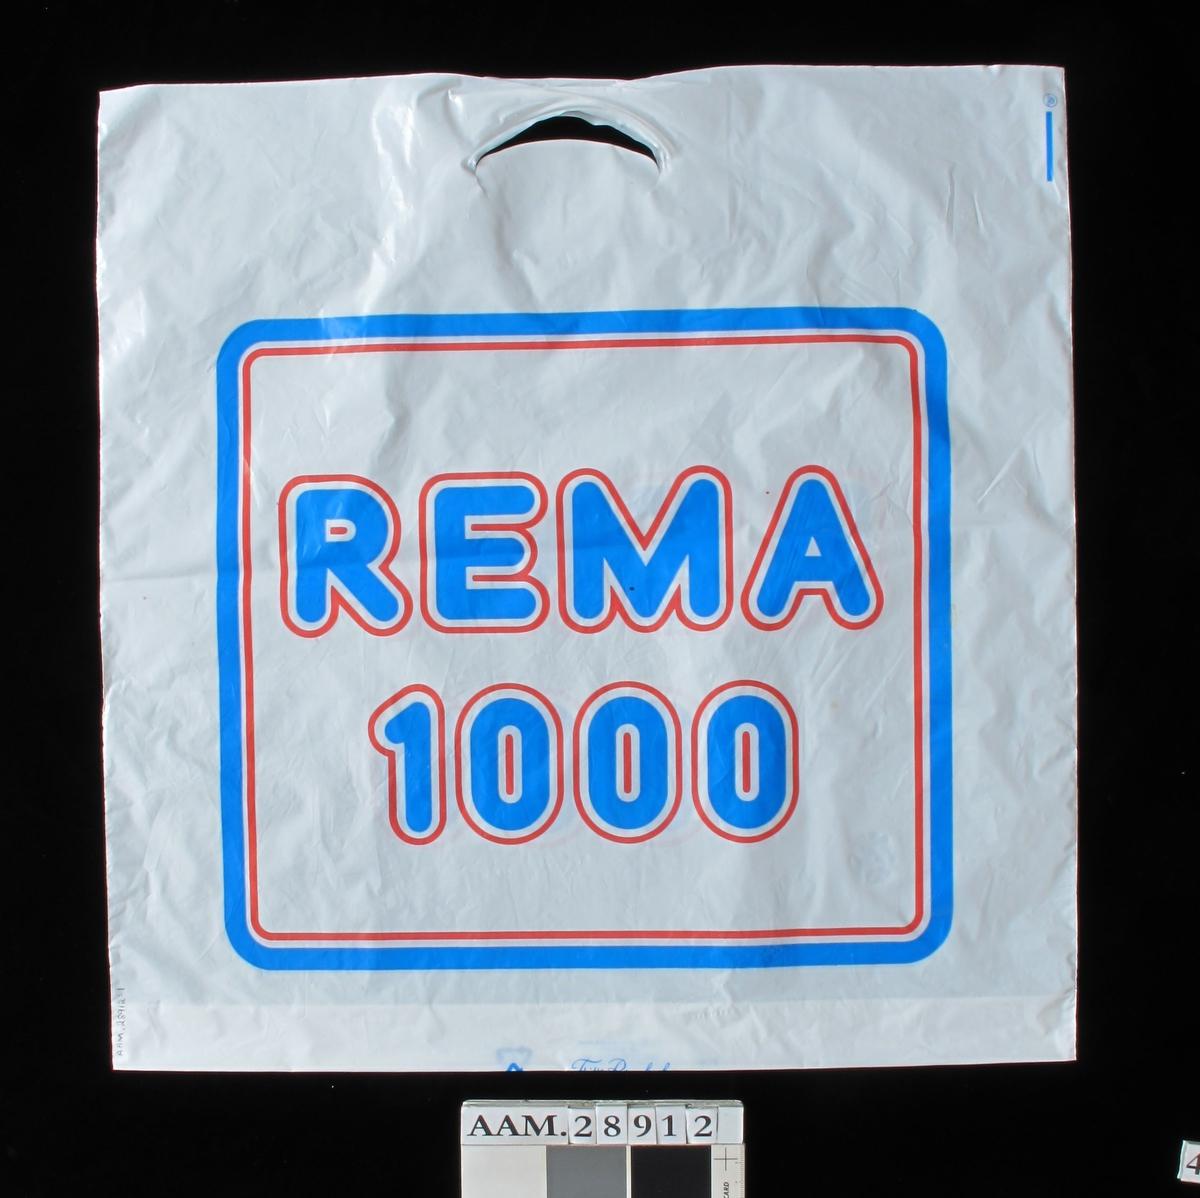 Rema 1000 -kjedens logo i rødt og blått